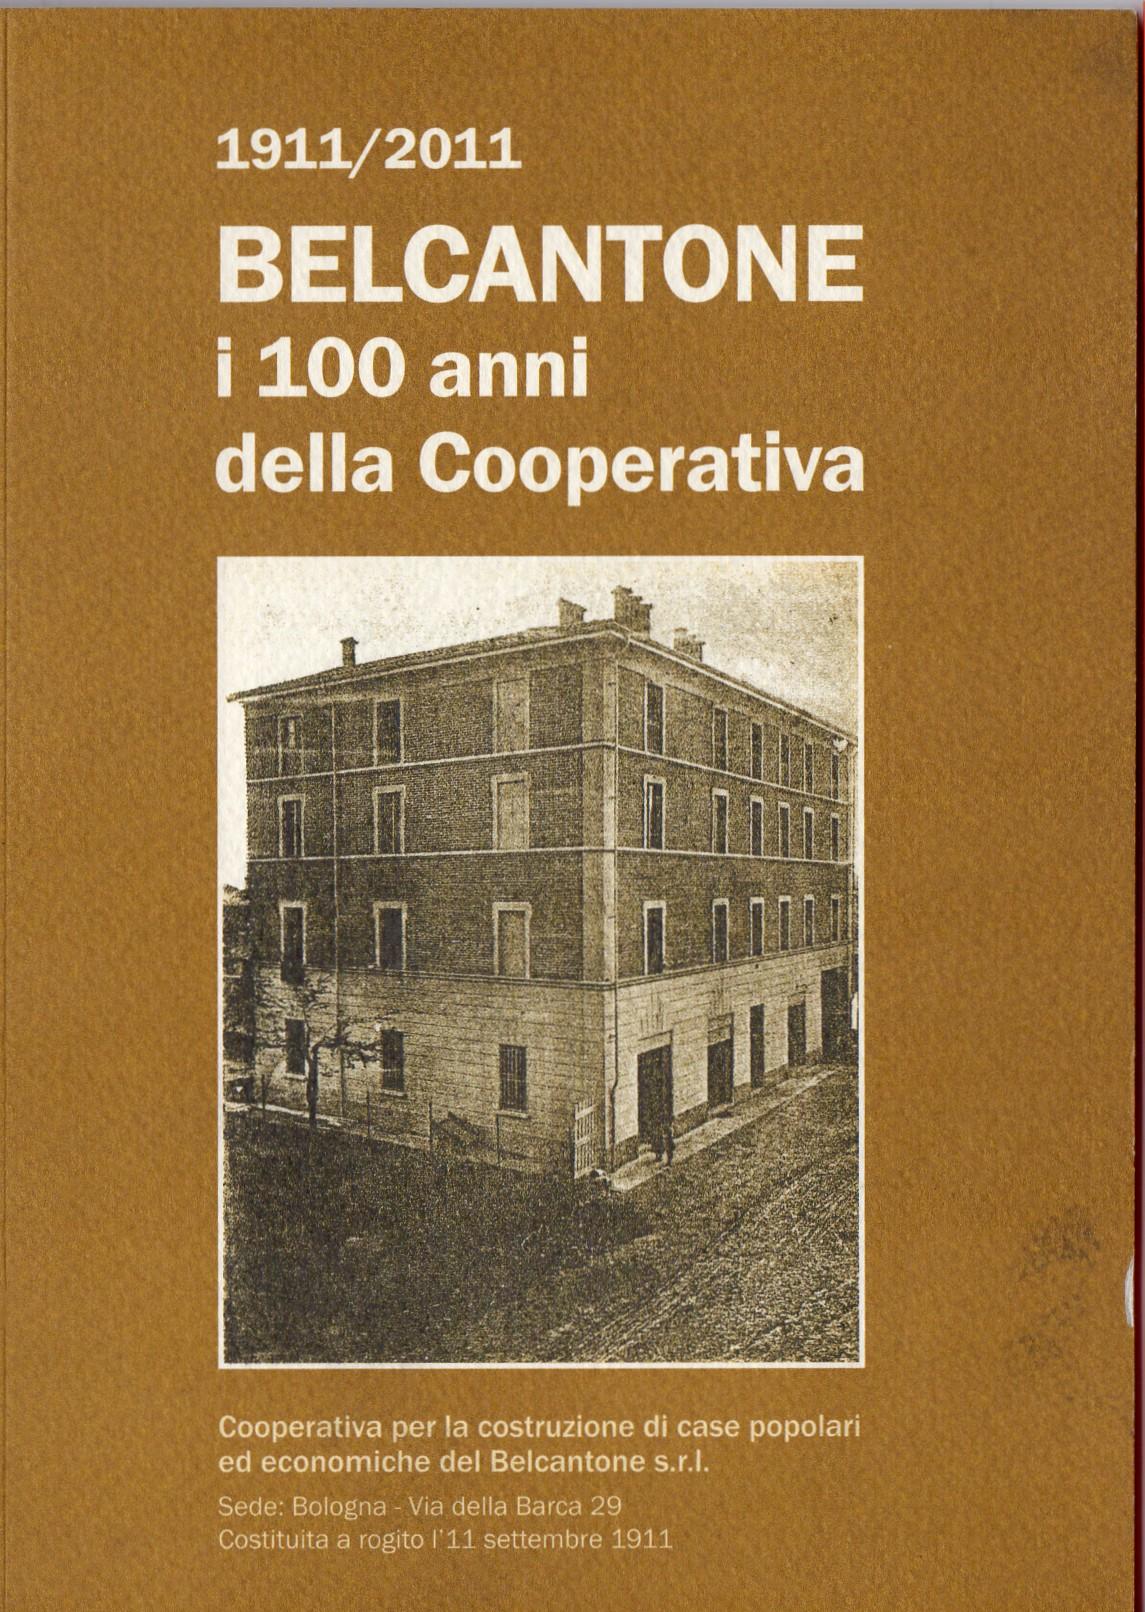 1911/2011. Belcantone: i 100 anni della Cooperativa